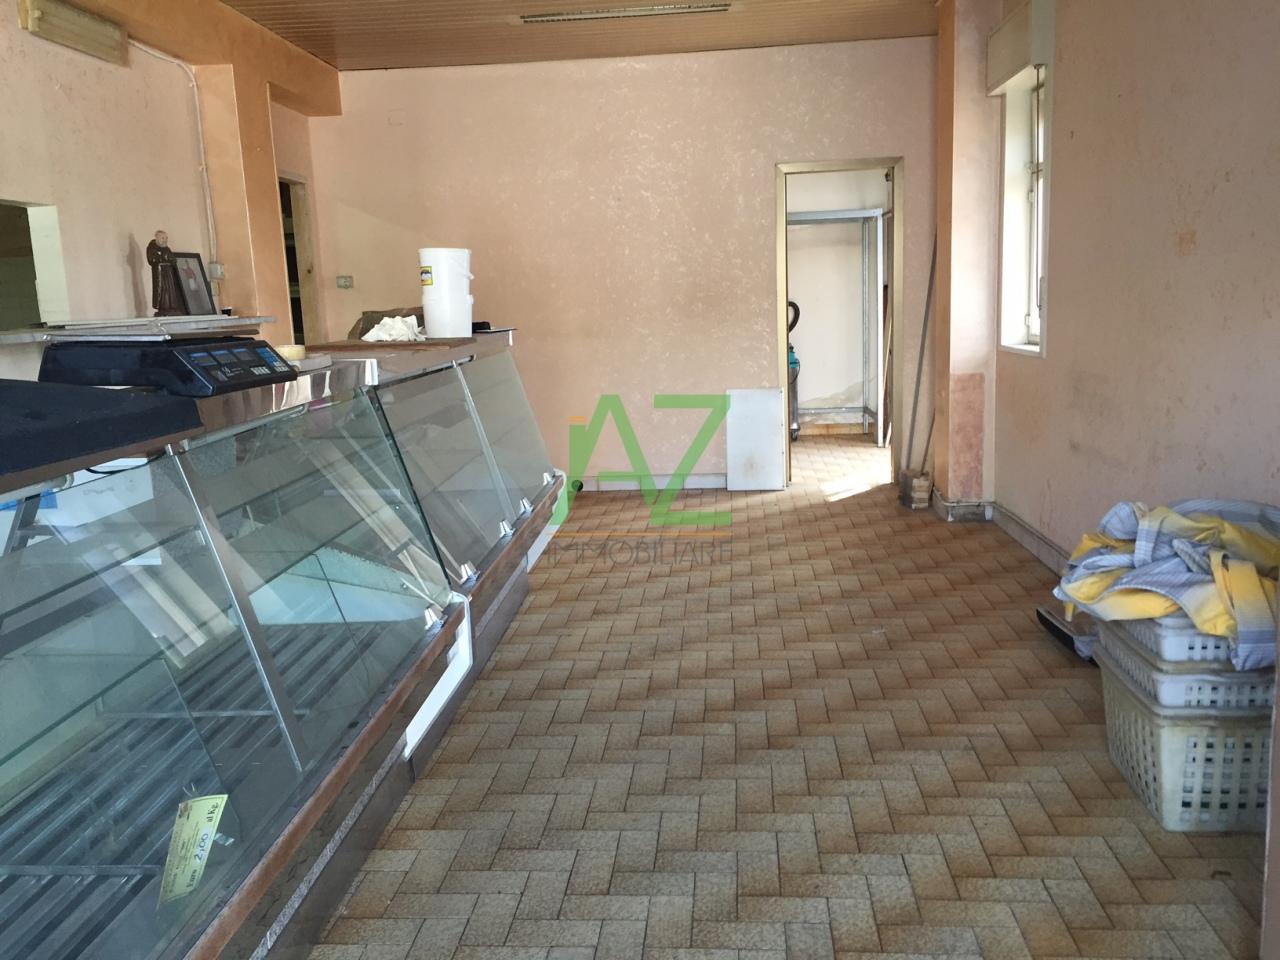 Negozio / Locale in affitto a Misterbianco, 2 locali, prezzo € 400 | Cambio Casa.it